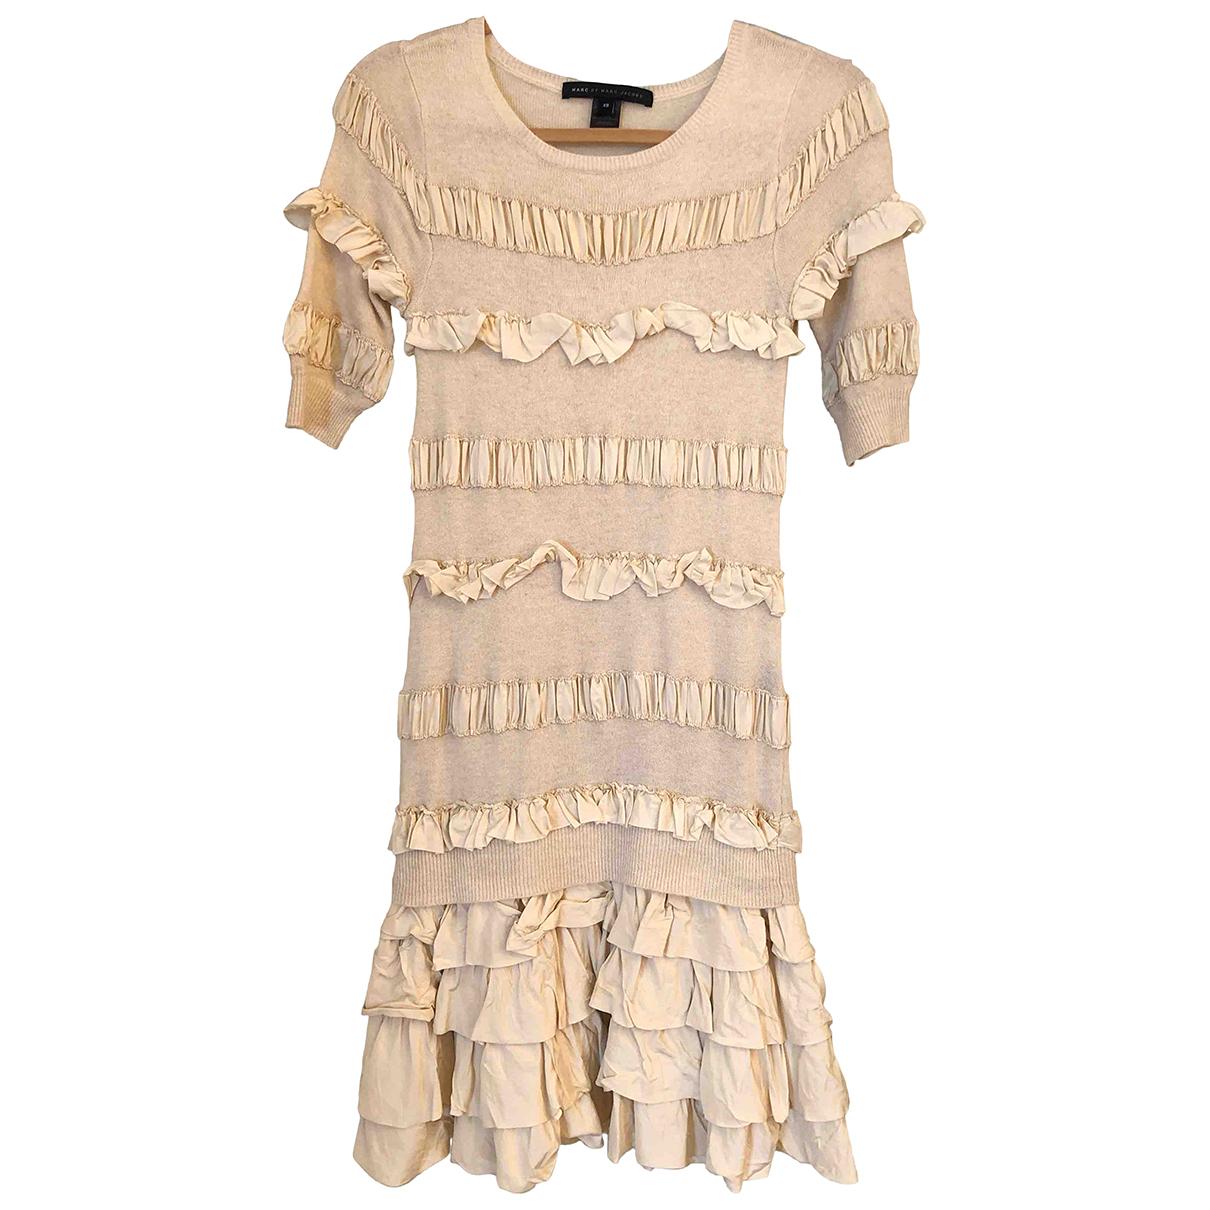 Marc By Marc Jacobs \N Kleid in  Beige Wolle